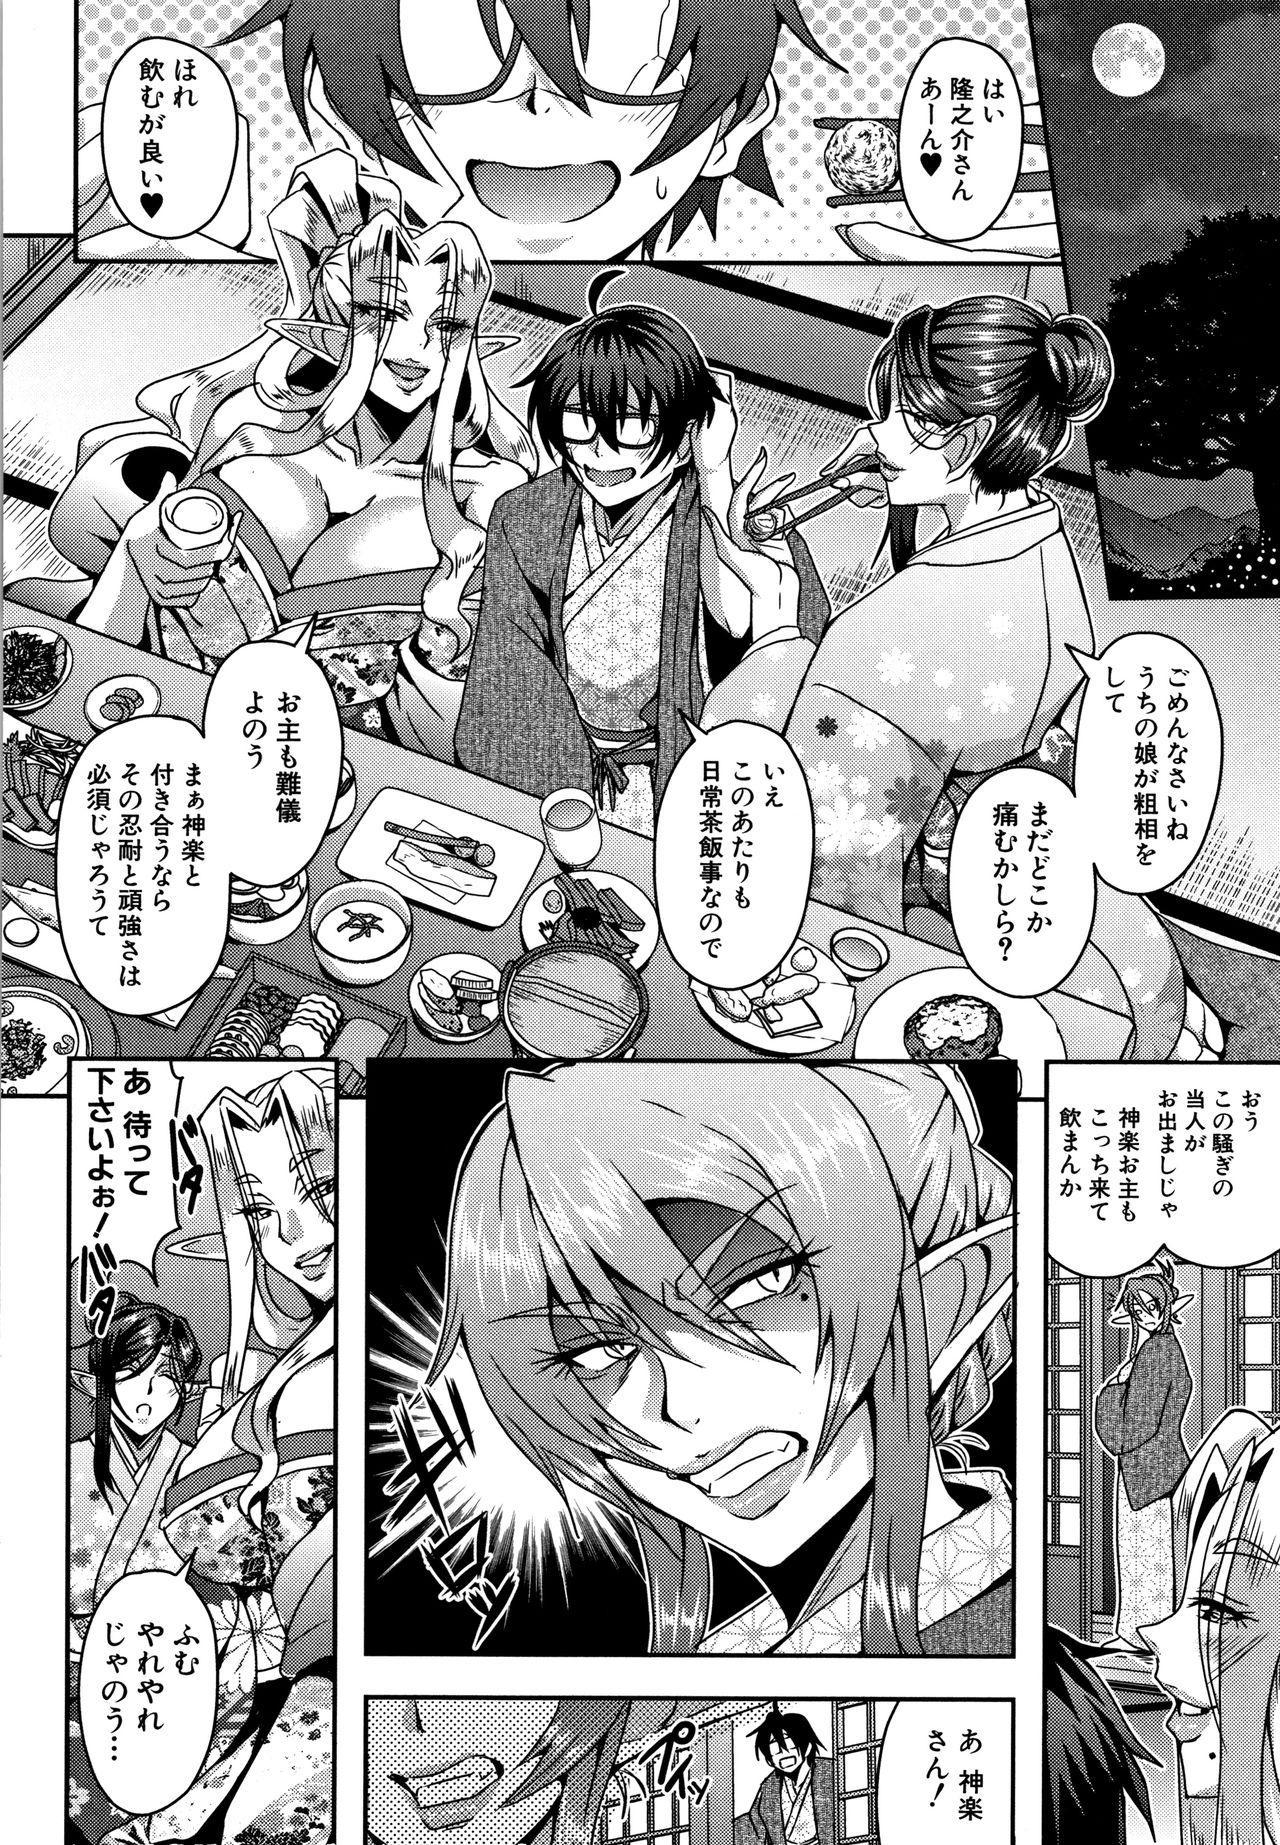 Elf Harem Monogatari - Elf Harem Story 71